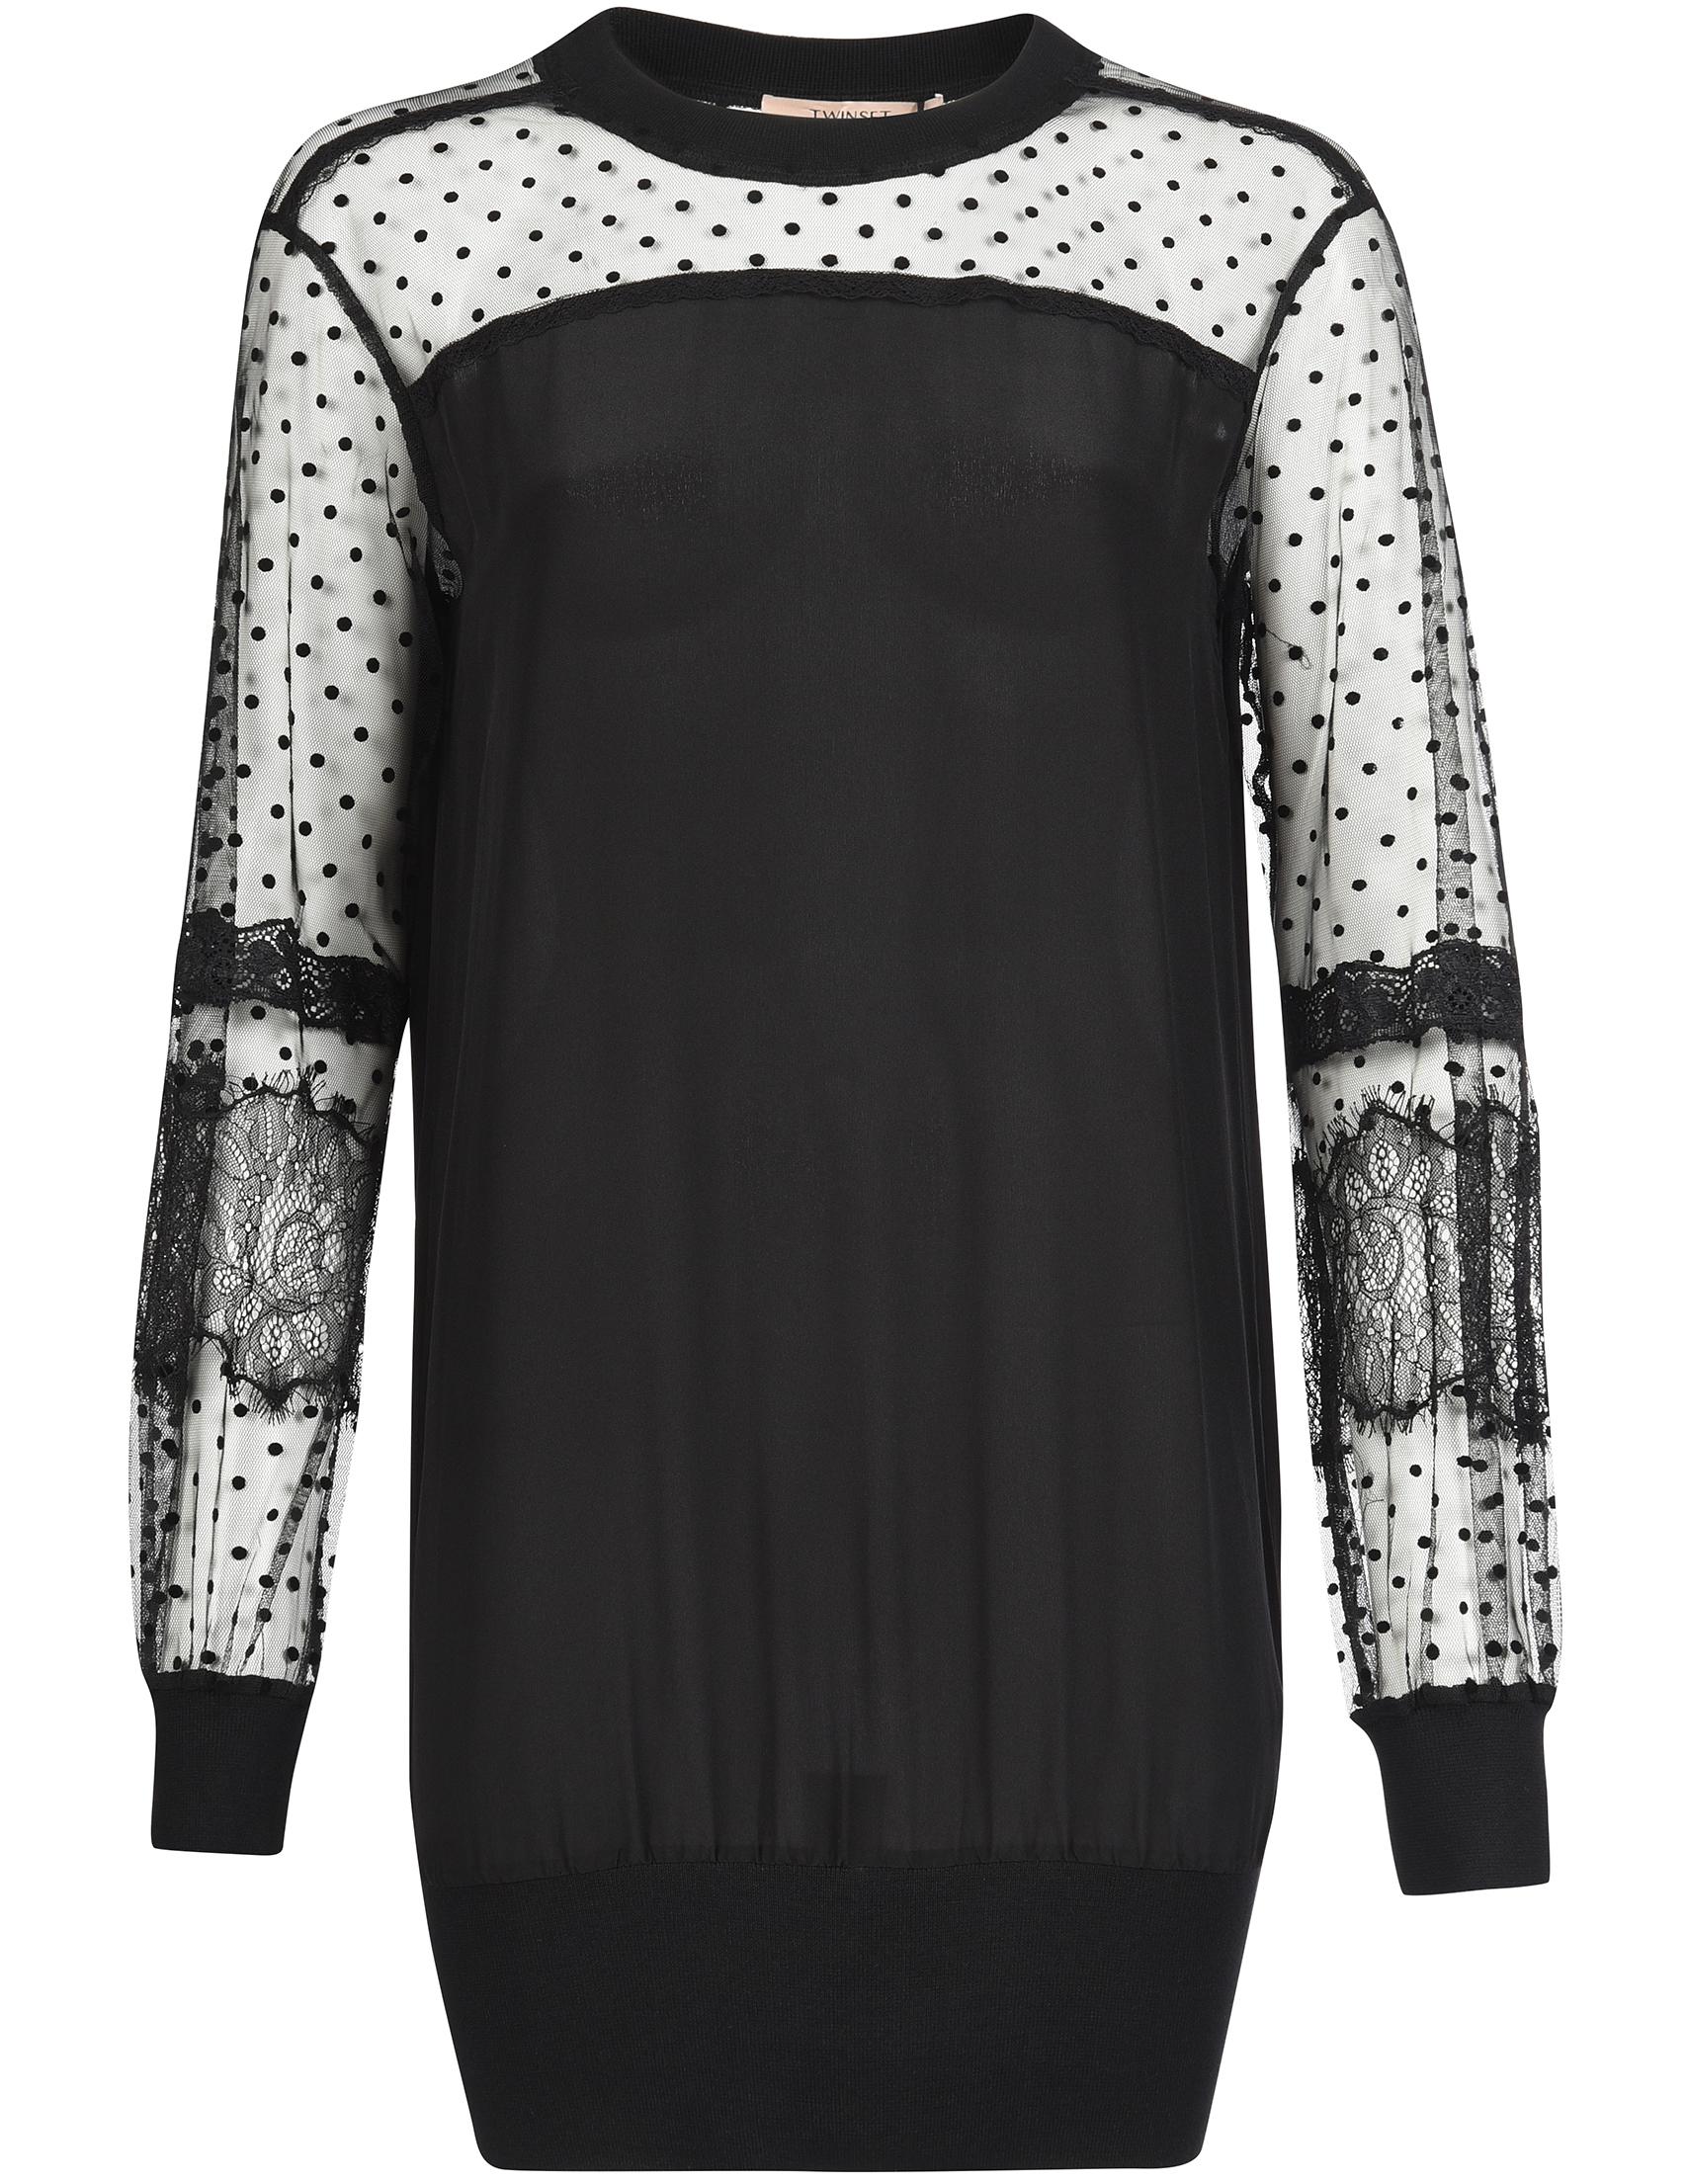 Купить Платье, TWIN-SET, Черный, 90%Вискоза 7%Полиэстер 3%Эластан;100%Шелк, Осень-Зима